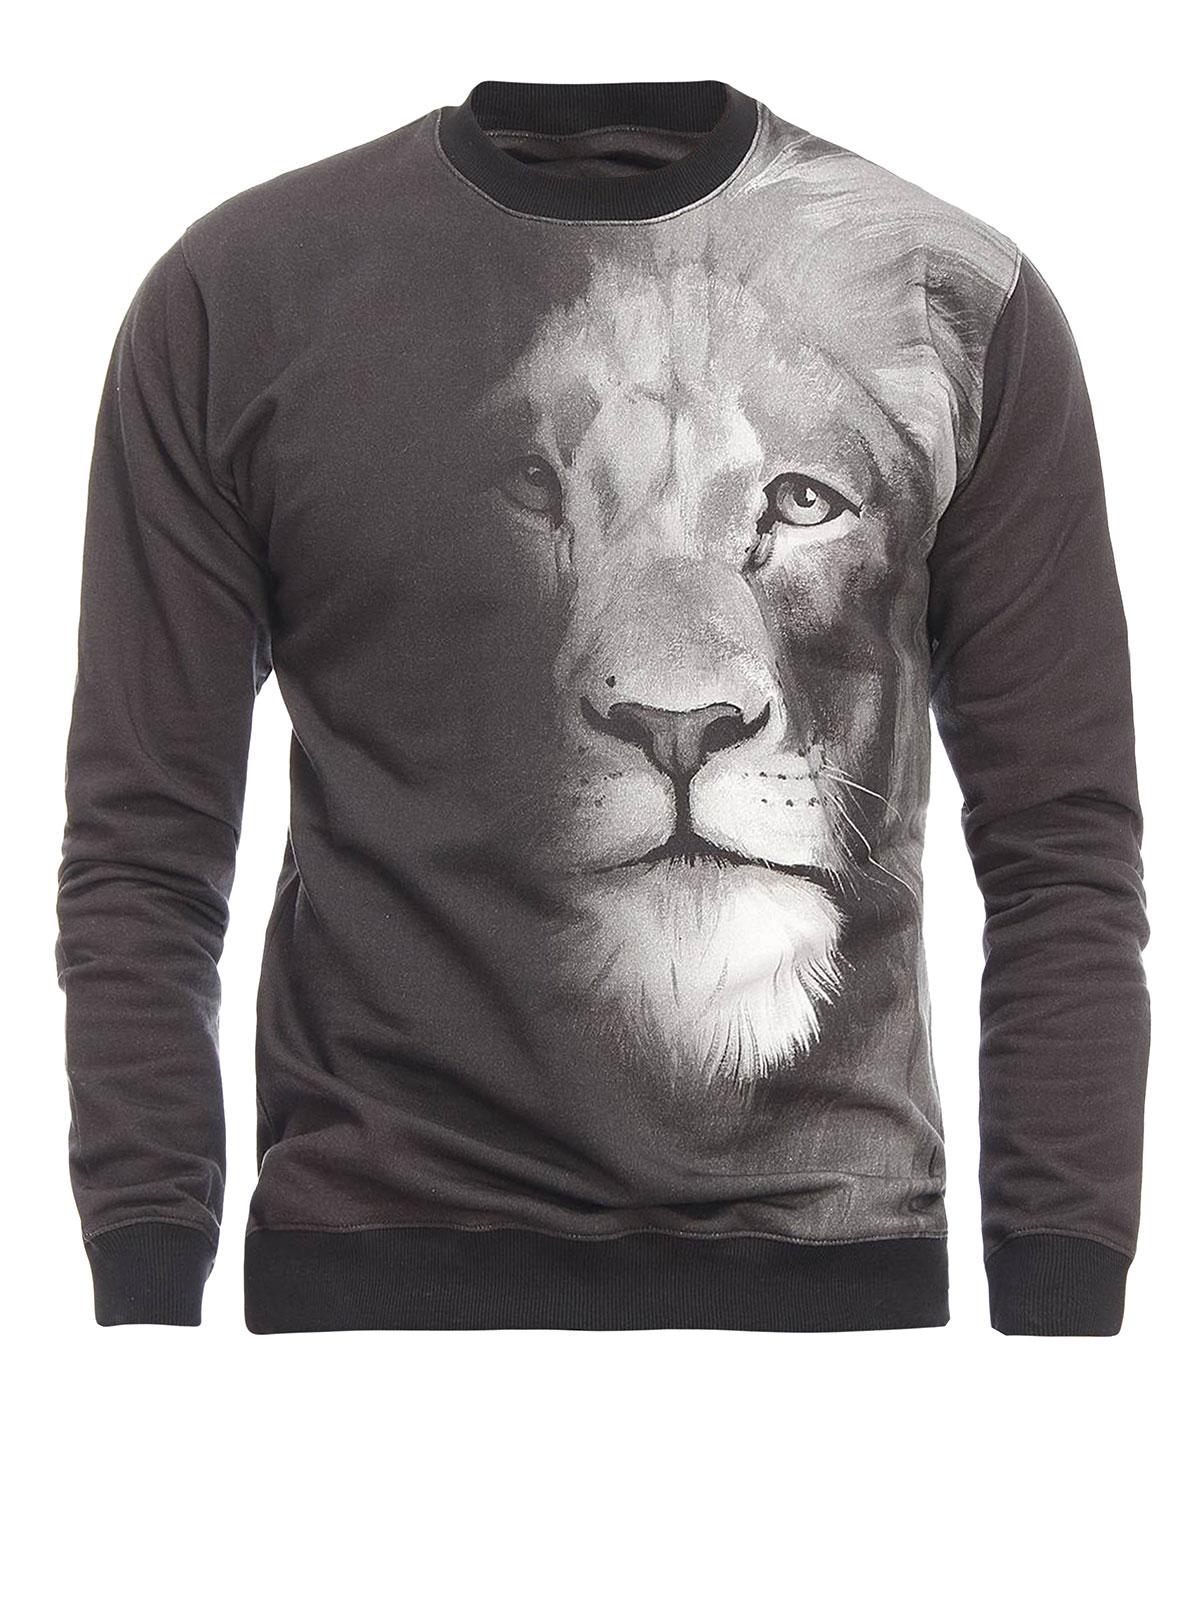 d55b95ec992d Versus Versace - Macro Lion print sweatshirt - Sweatshirts   Pulls ...